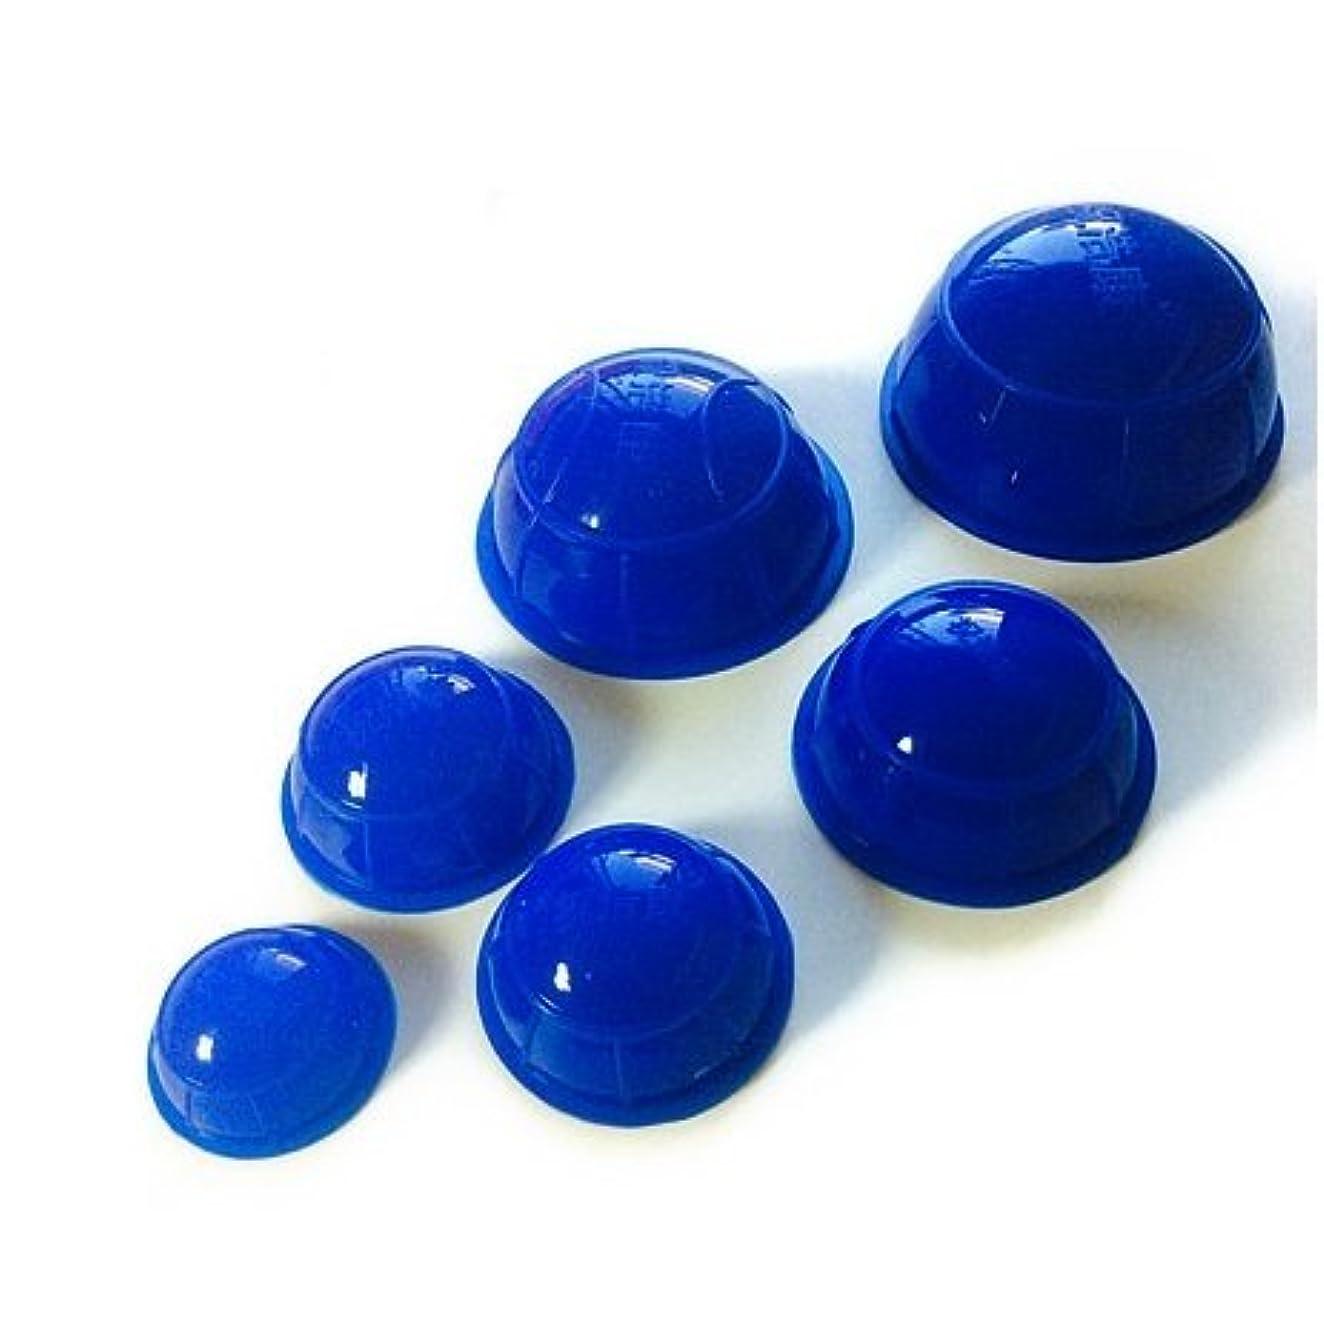 ストレージまあ概して簡易 吸い玉6個セット ブルー 大中小5種類の大きさ